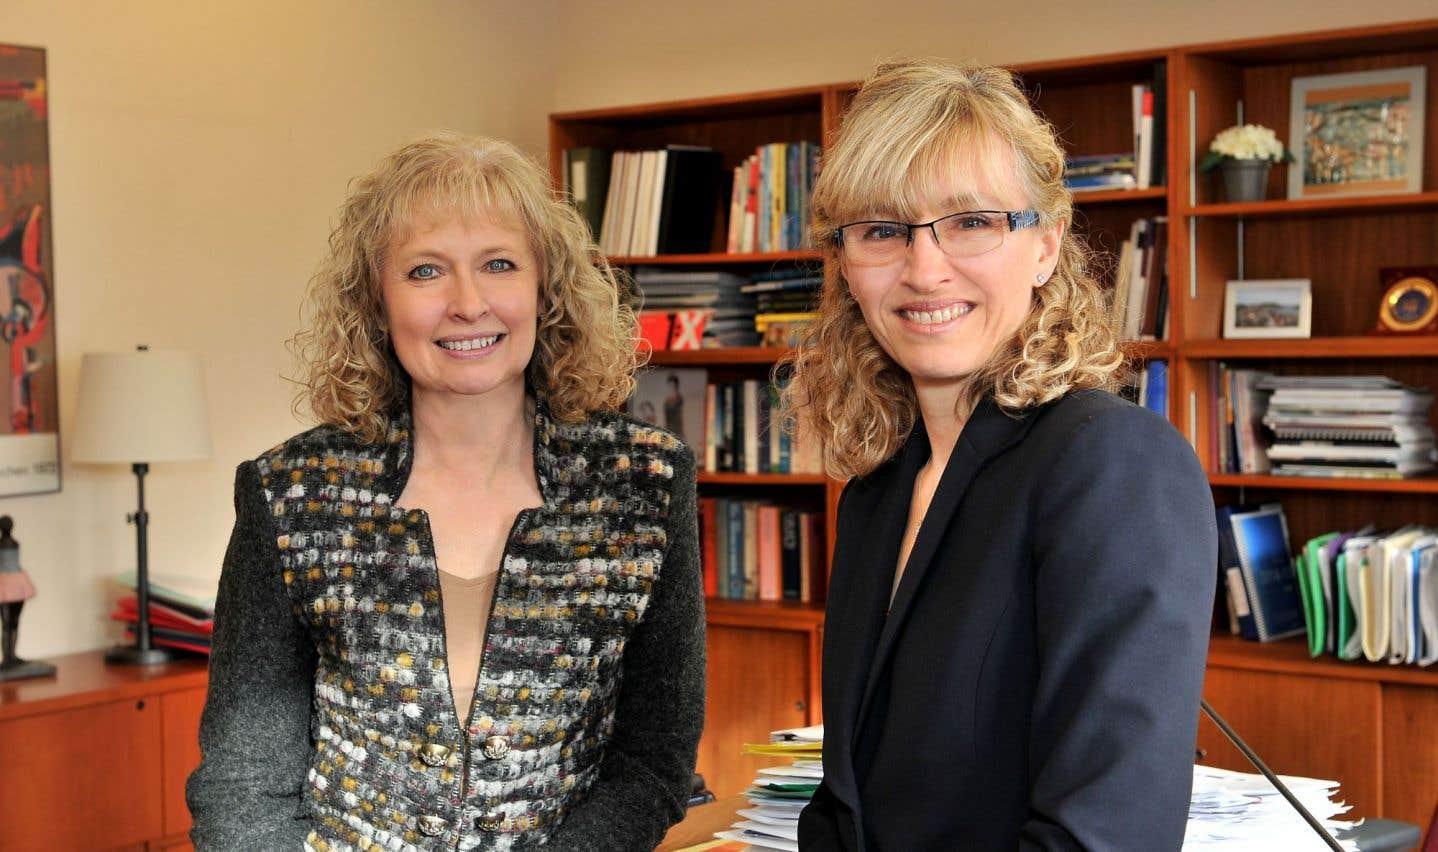 Louise Béliveau, vice-rectrice aux affaires étudiantes et aux études, aux côtés de Chantal Pharand, vice-rectrice adjointe aux affaires étudiantes et à la réussite